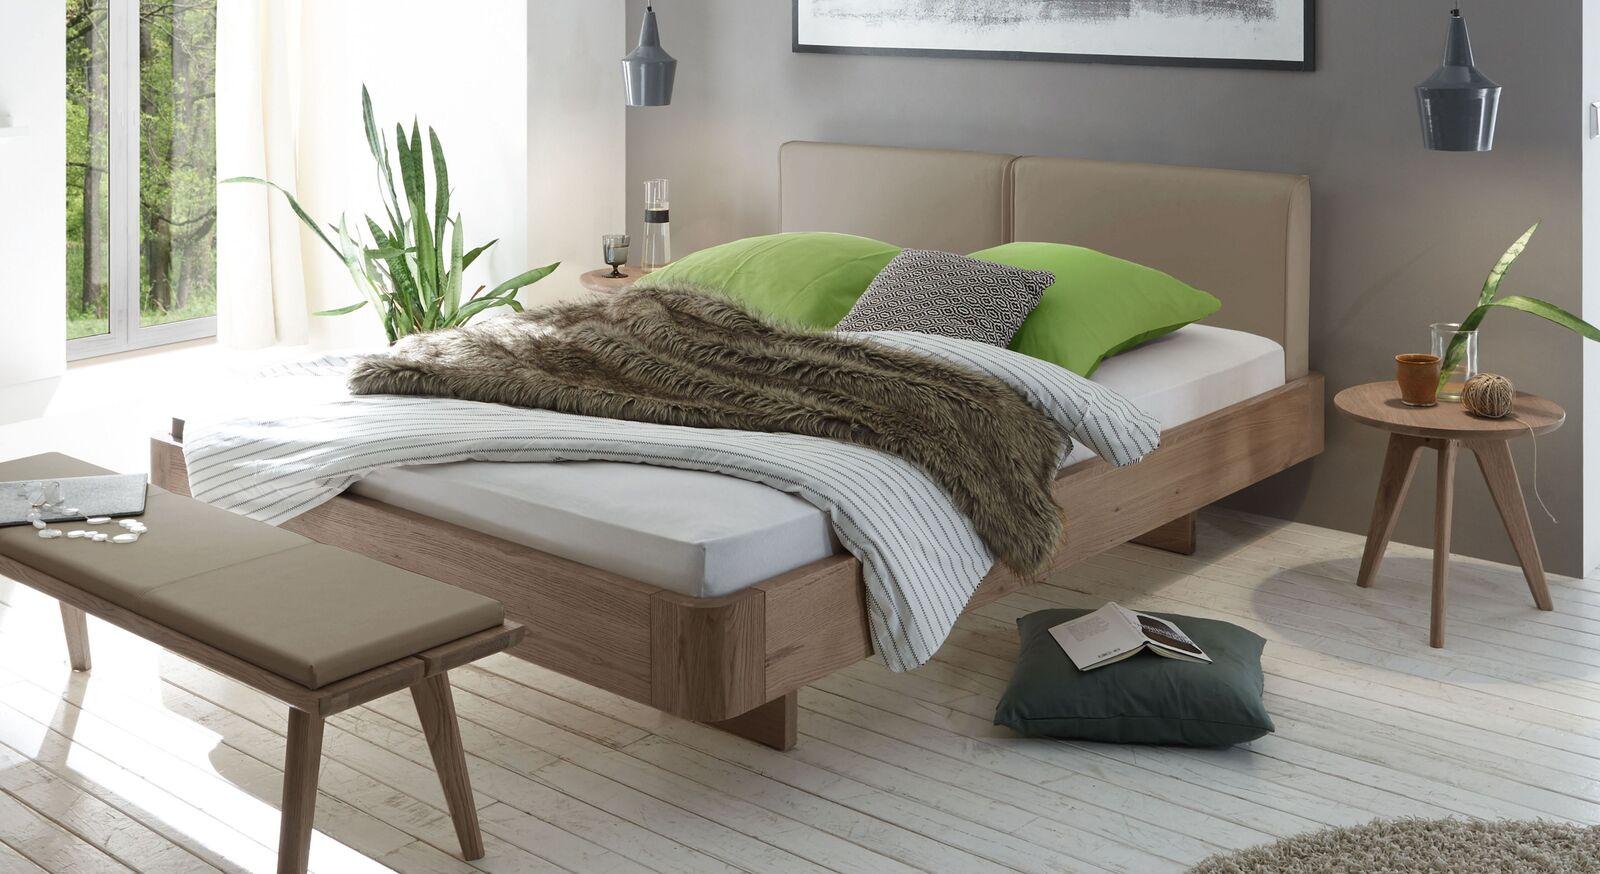 Bett Inesis mit beigebraunem Kopfteil